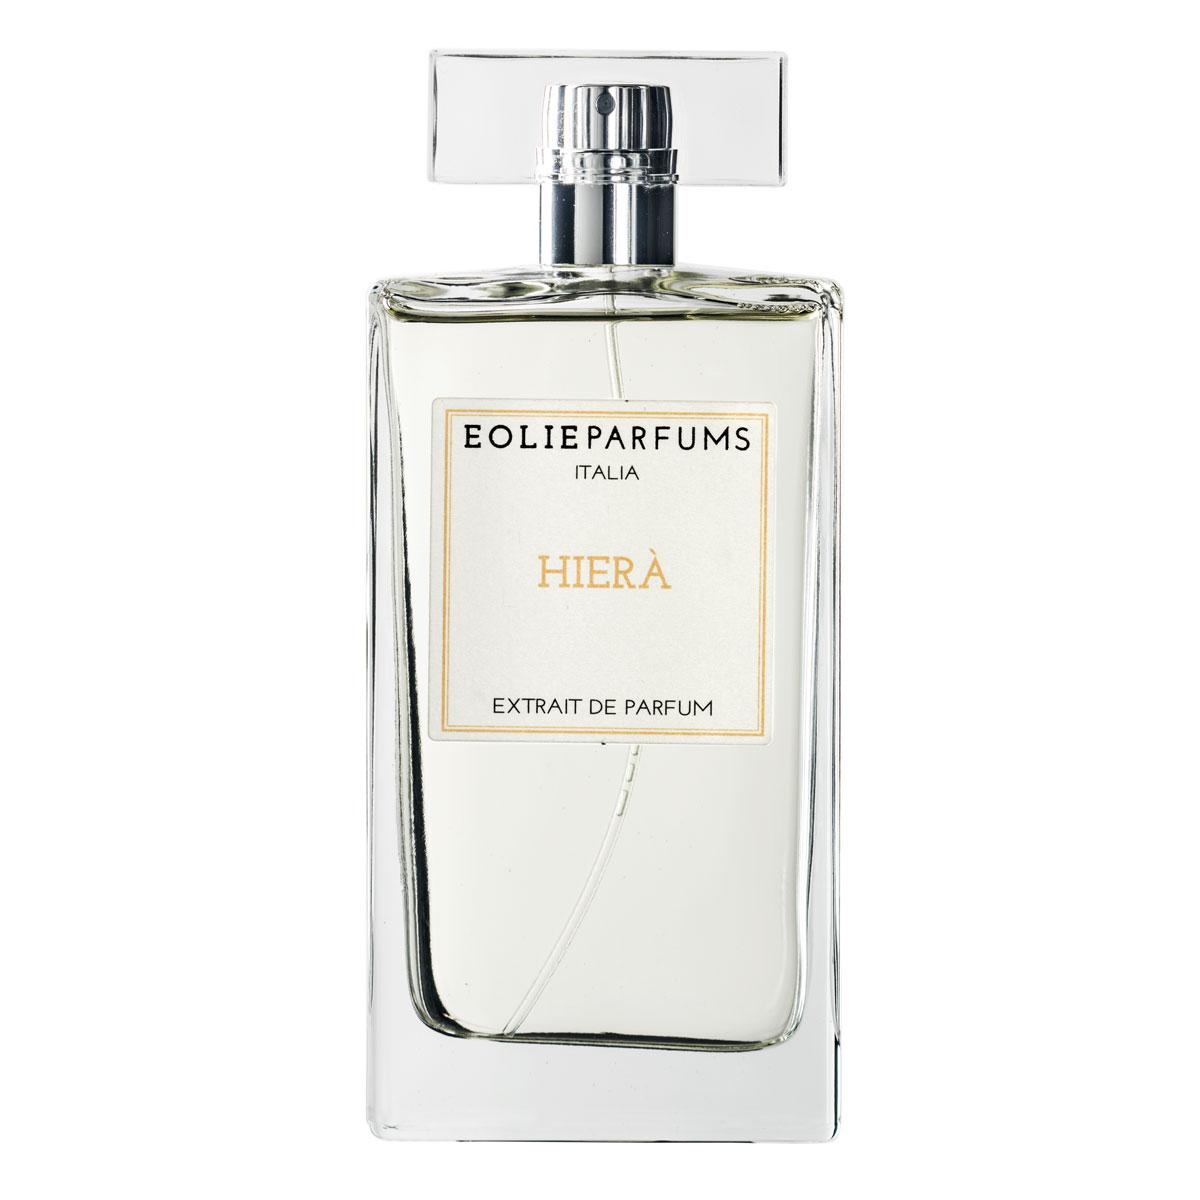 HIERA' EXTRAIT DE PARFUM – Eolieparfums